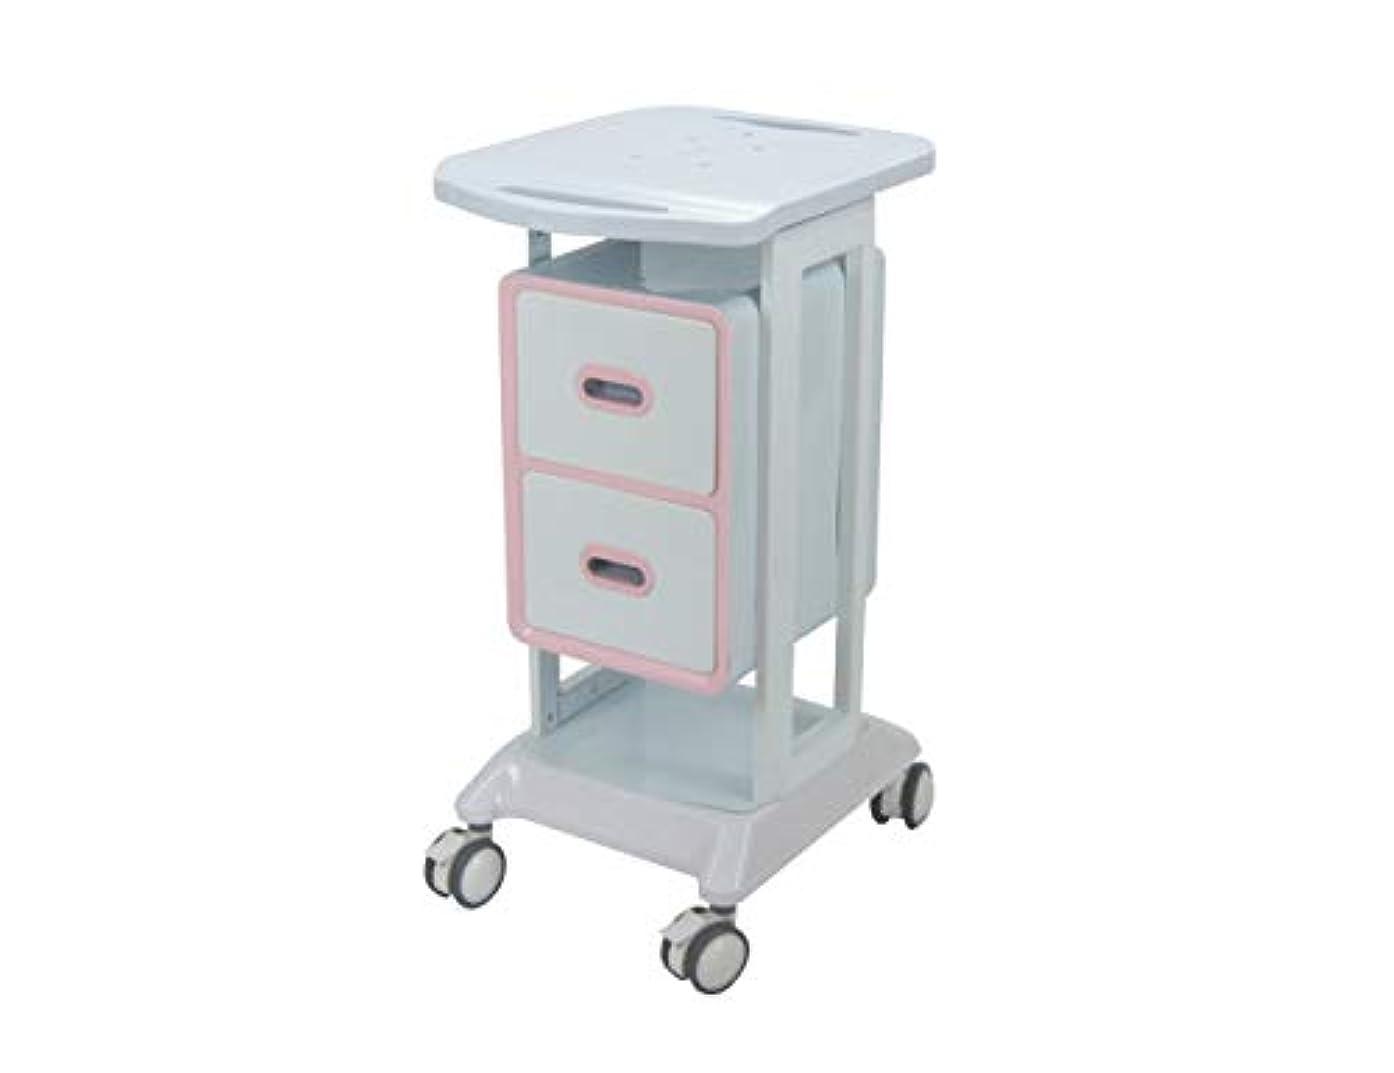 励起罹患率不定大広間の家具2つの引出し2色の選択が付いている縦の鉱泉のトロリー圧延のカート Elitzia ET421 (ピンク)